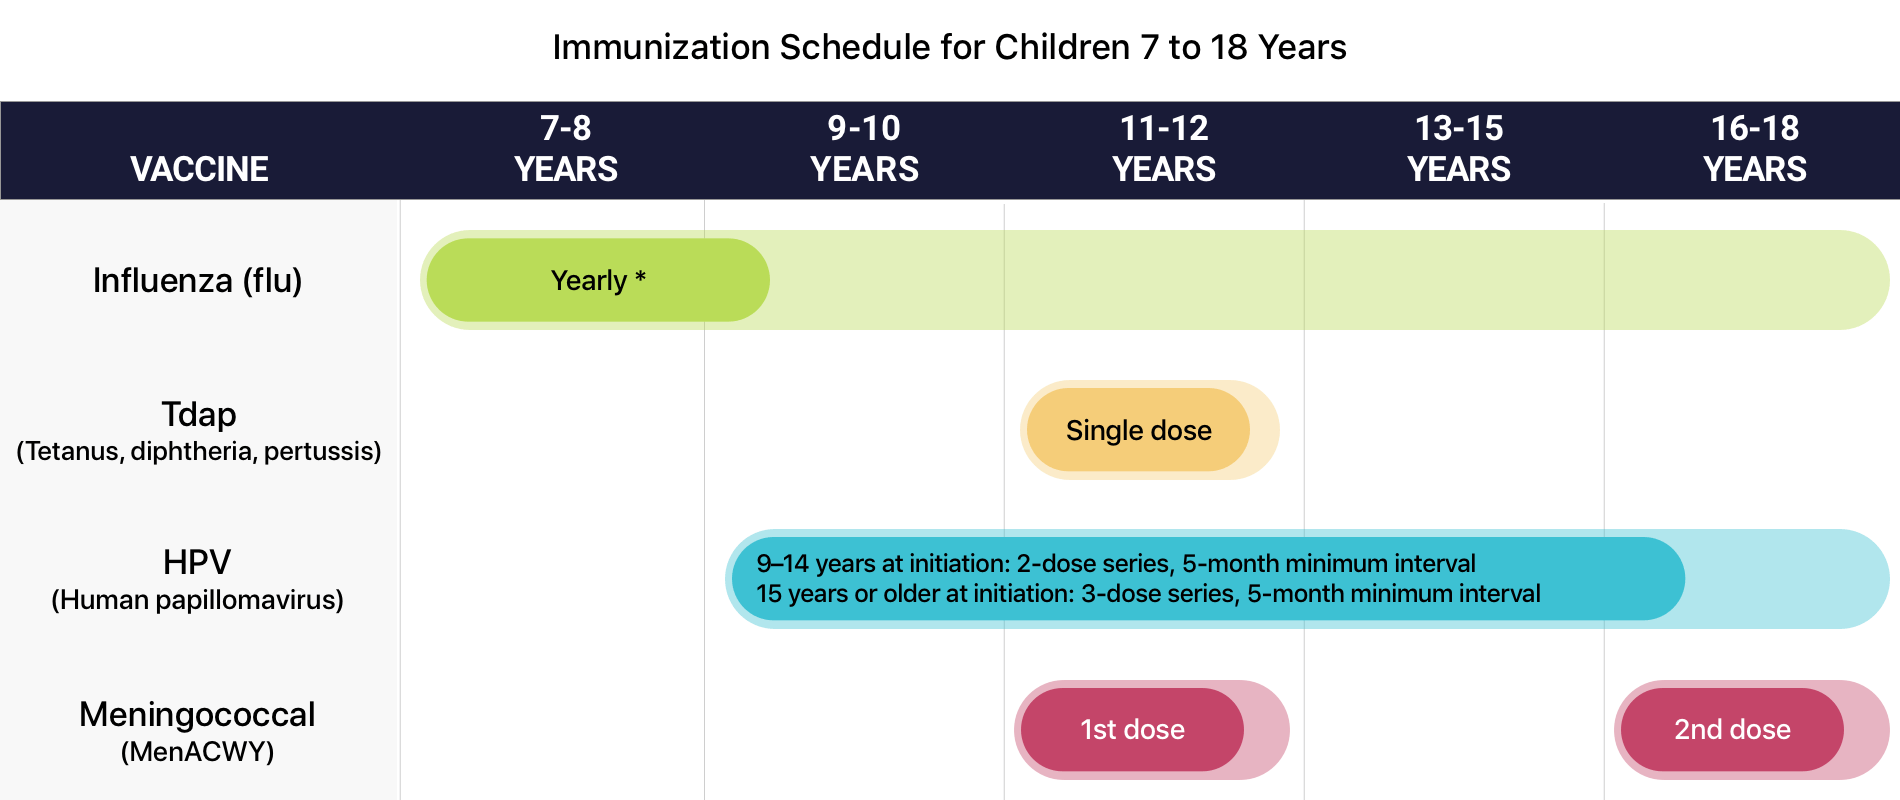 papillomavirus vaccination series)